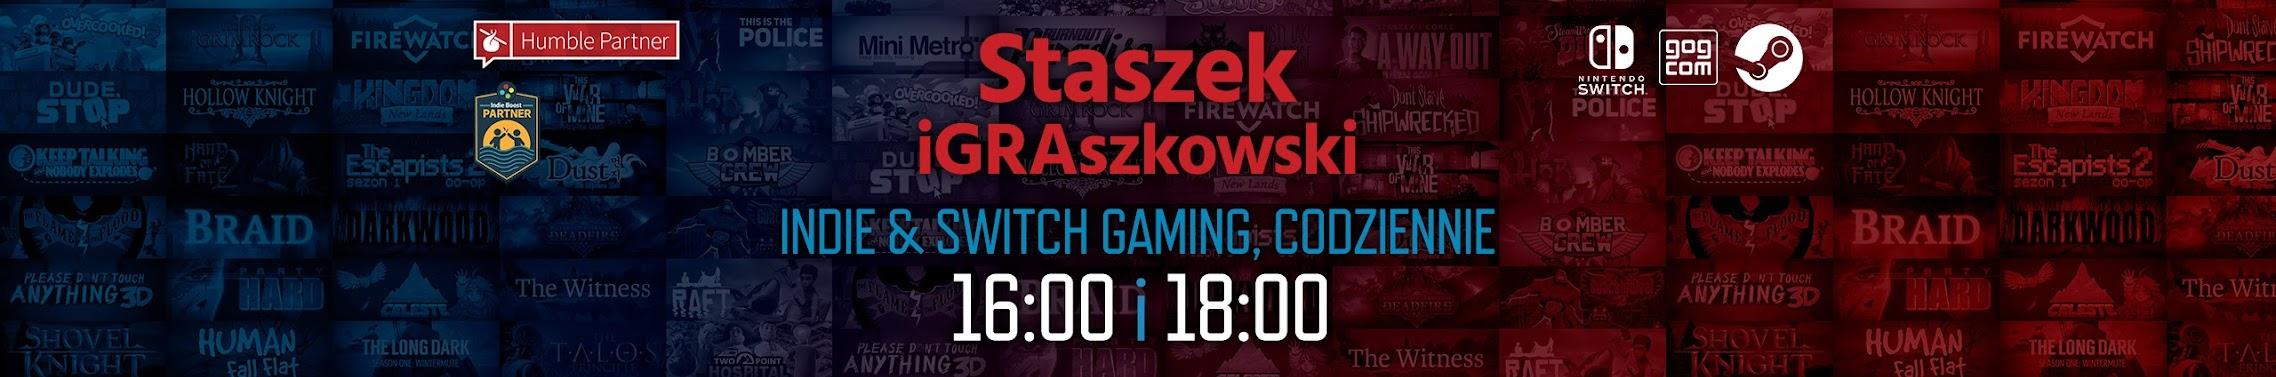 Staszek iGRAszkowski